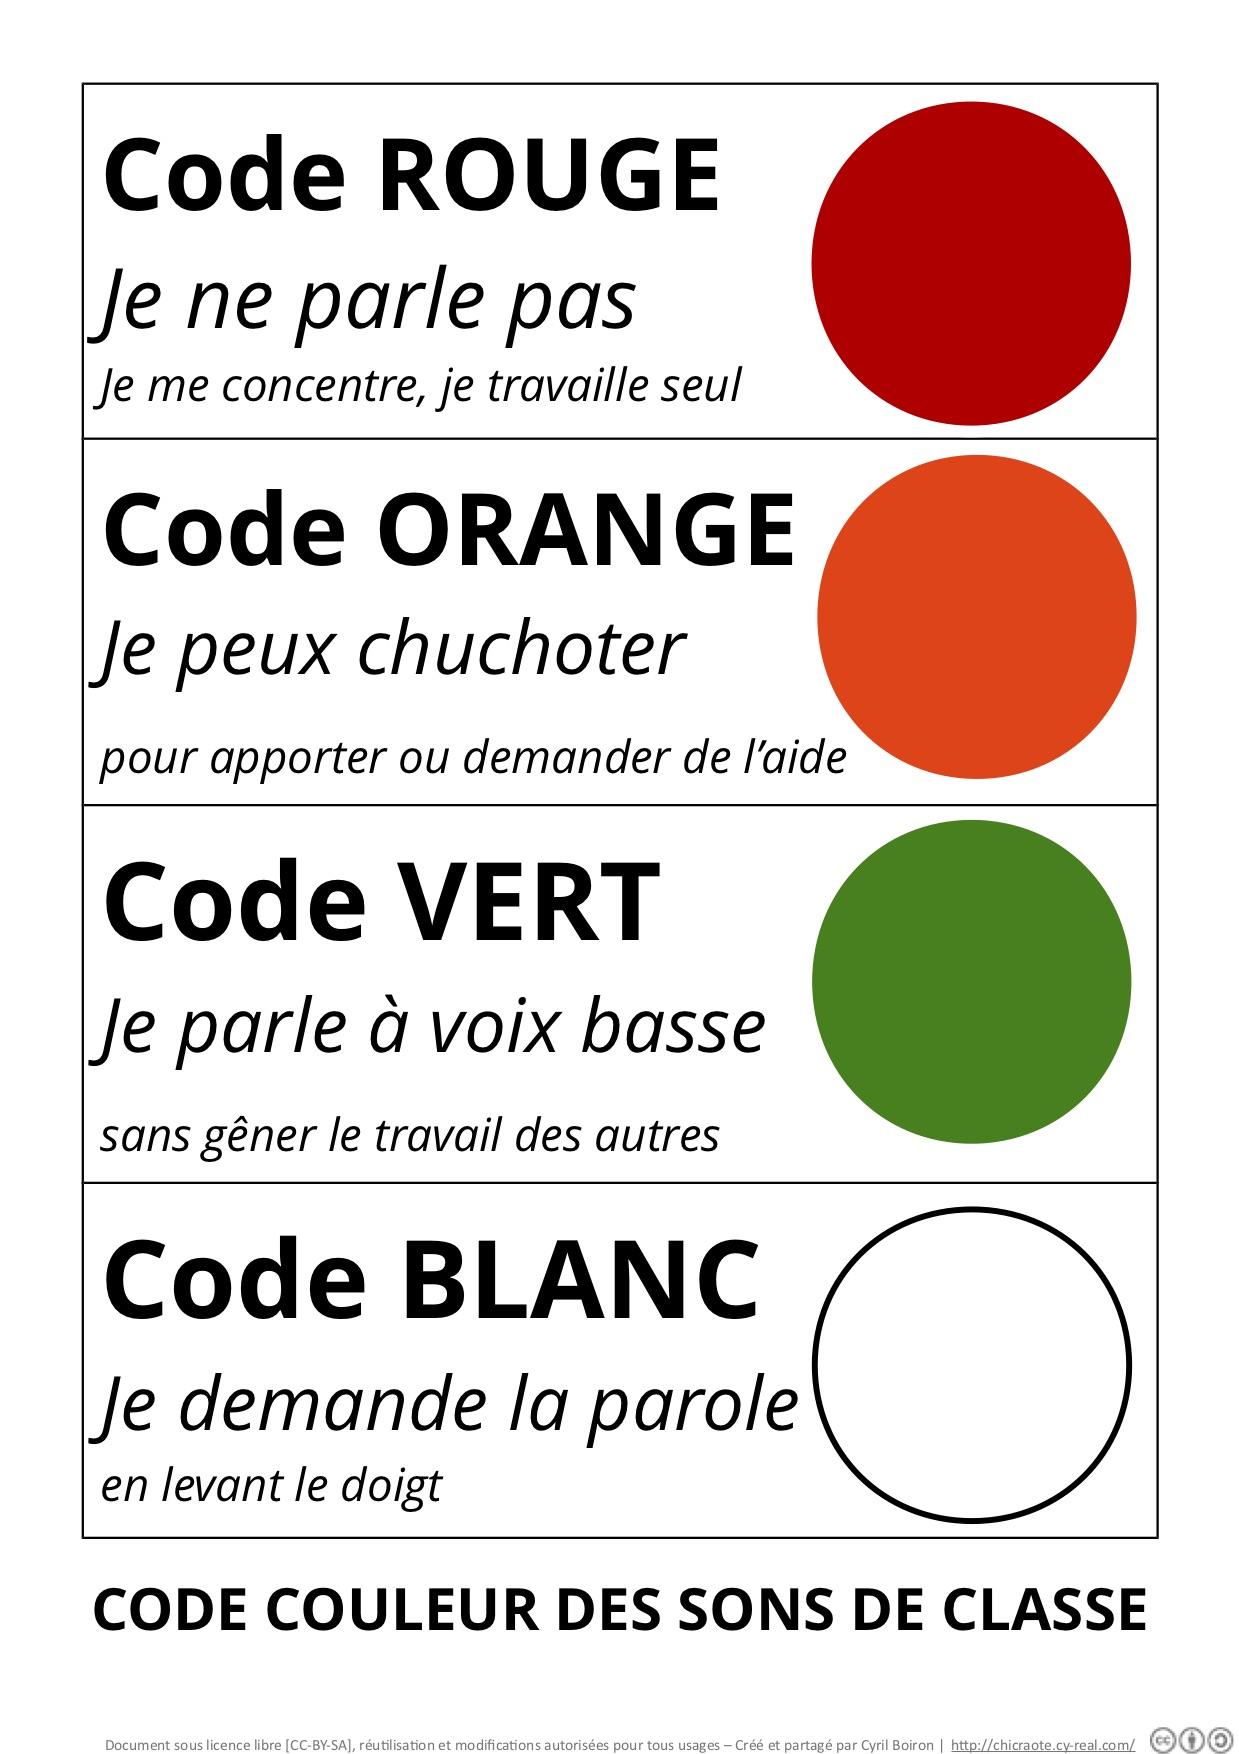 Ne Pas Supporter Les Bruits De Bouche : supporter, bruits, bouche, Beaucoup, Bruit, (dans, Classe), SGEN-CFDT, Ressources, Sgen-CFDT